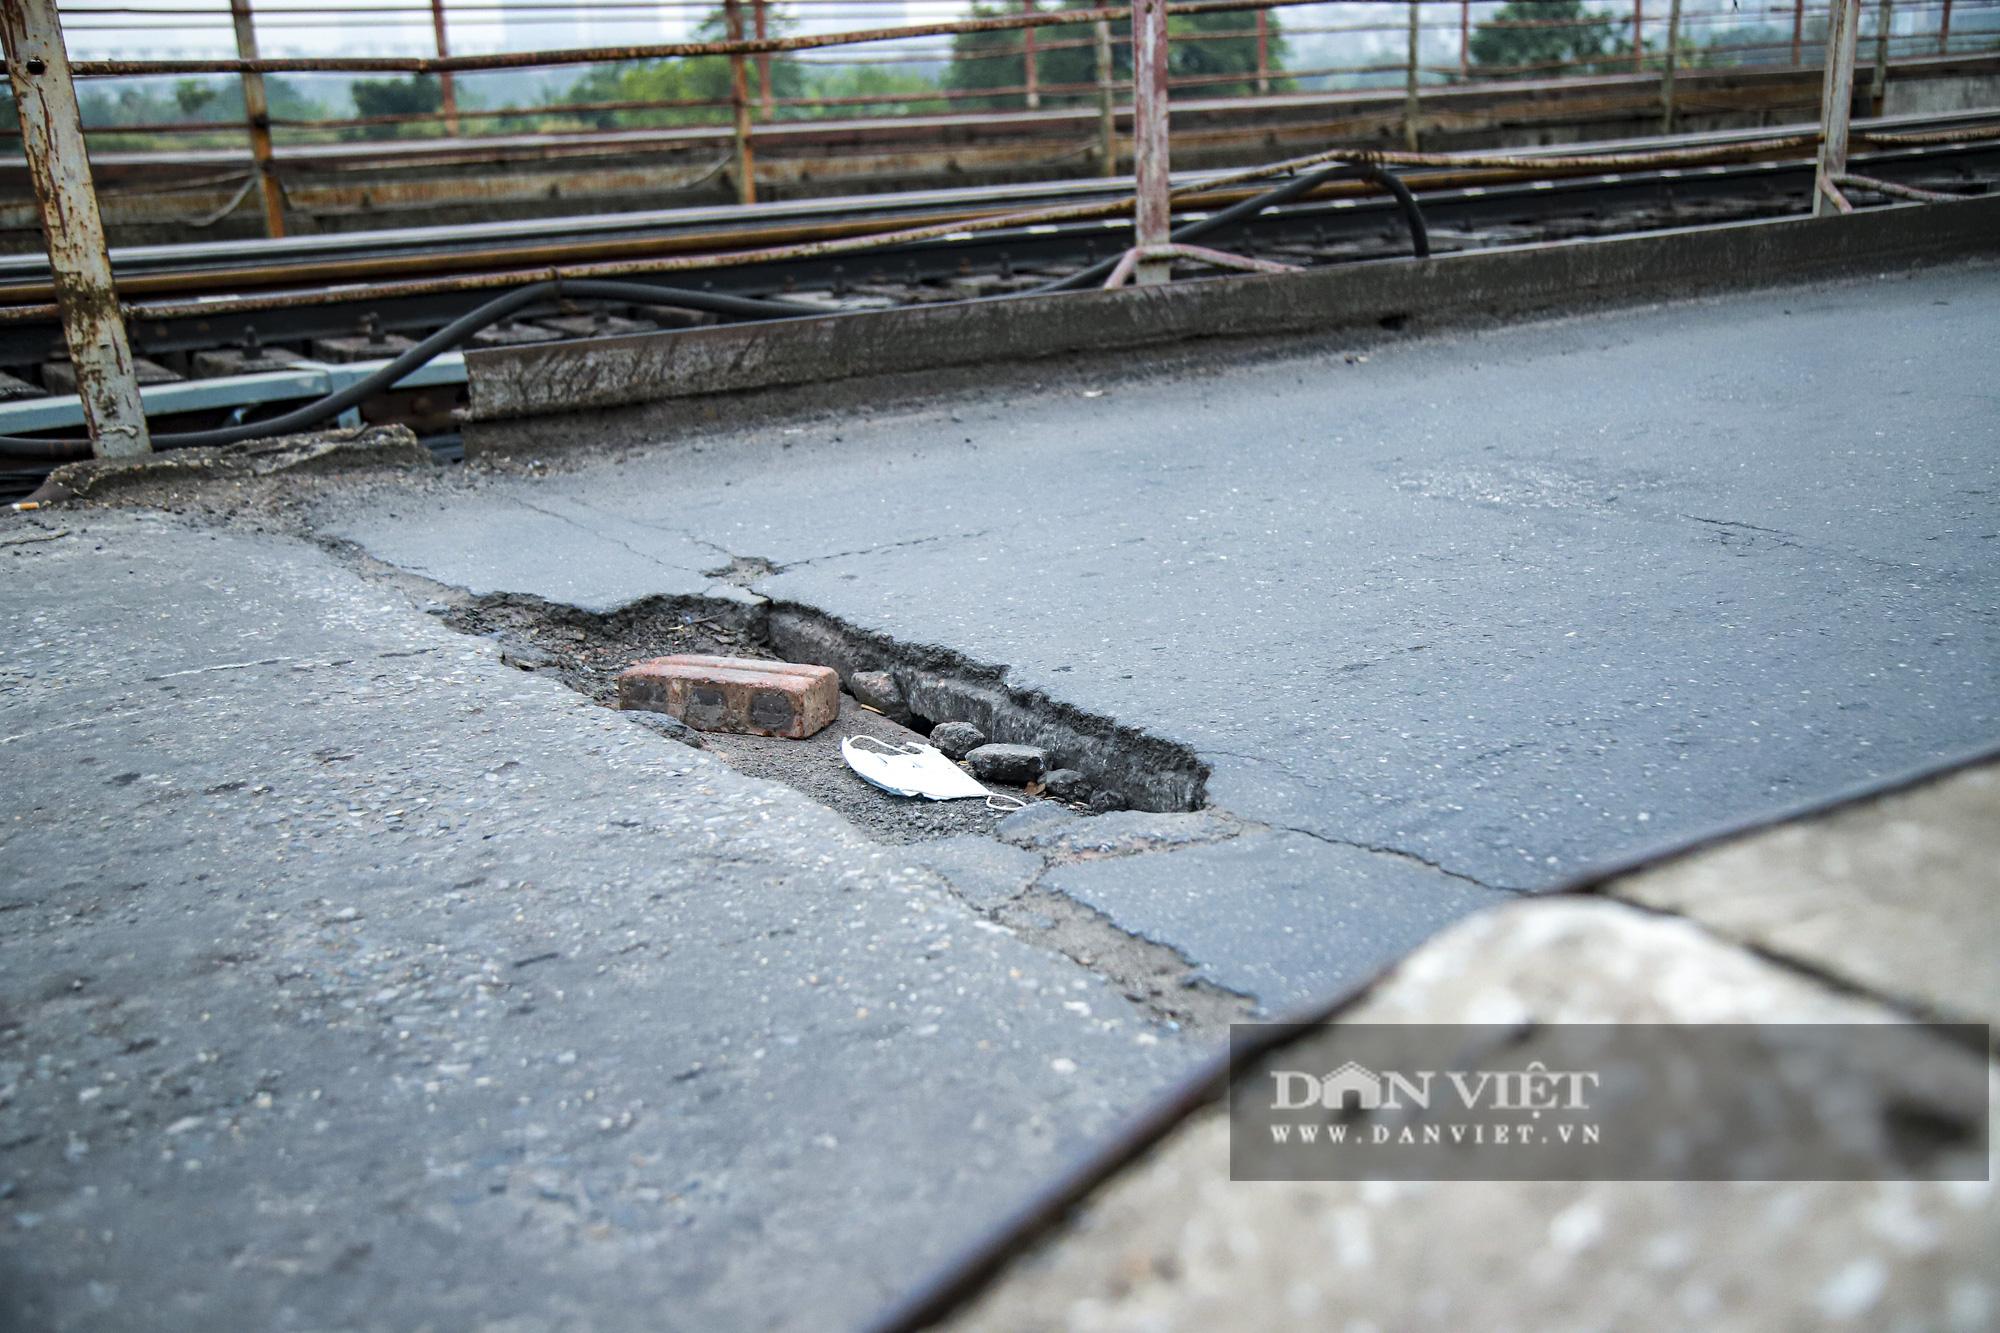 Cầu Long Biên xuống cấp đến không ngờ, mặt đường nhiều ổ gà, hở hàm ếch có thể nhìn rõ mặt nước sông Hồng - Ảnh 3.